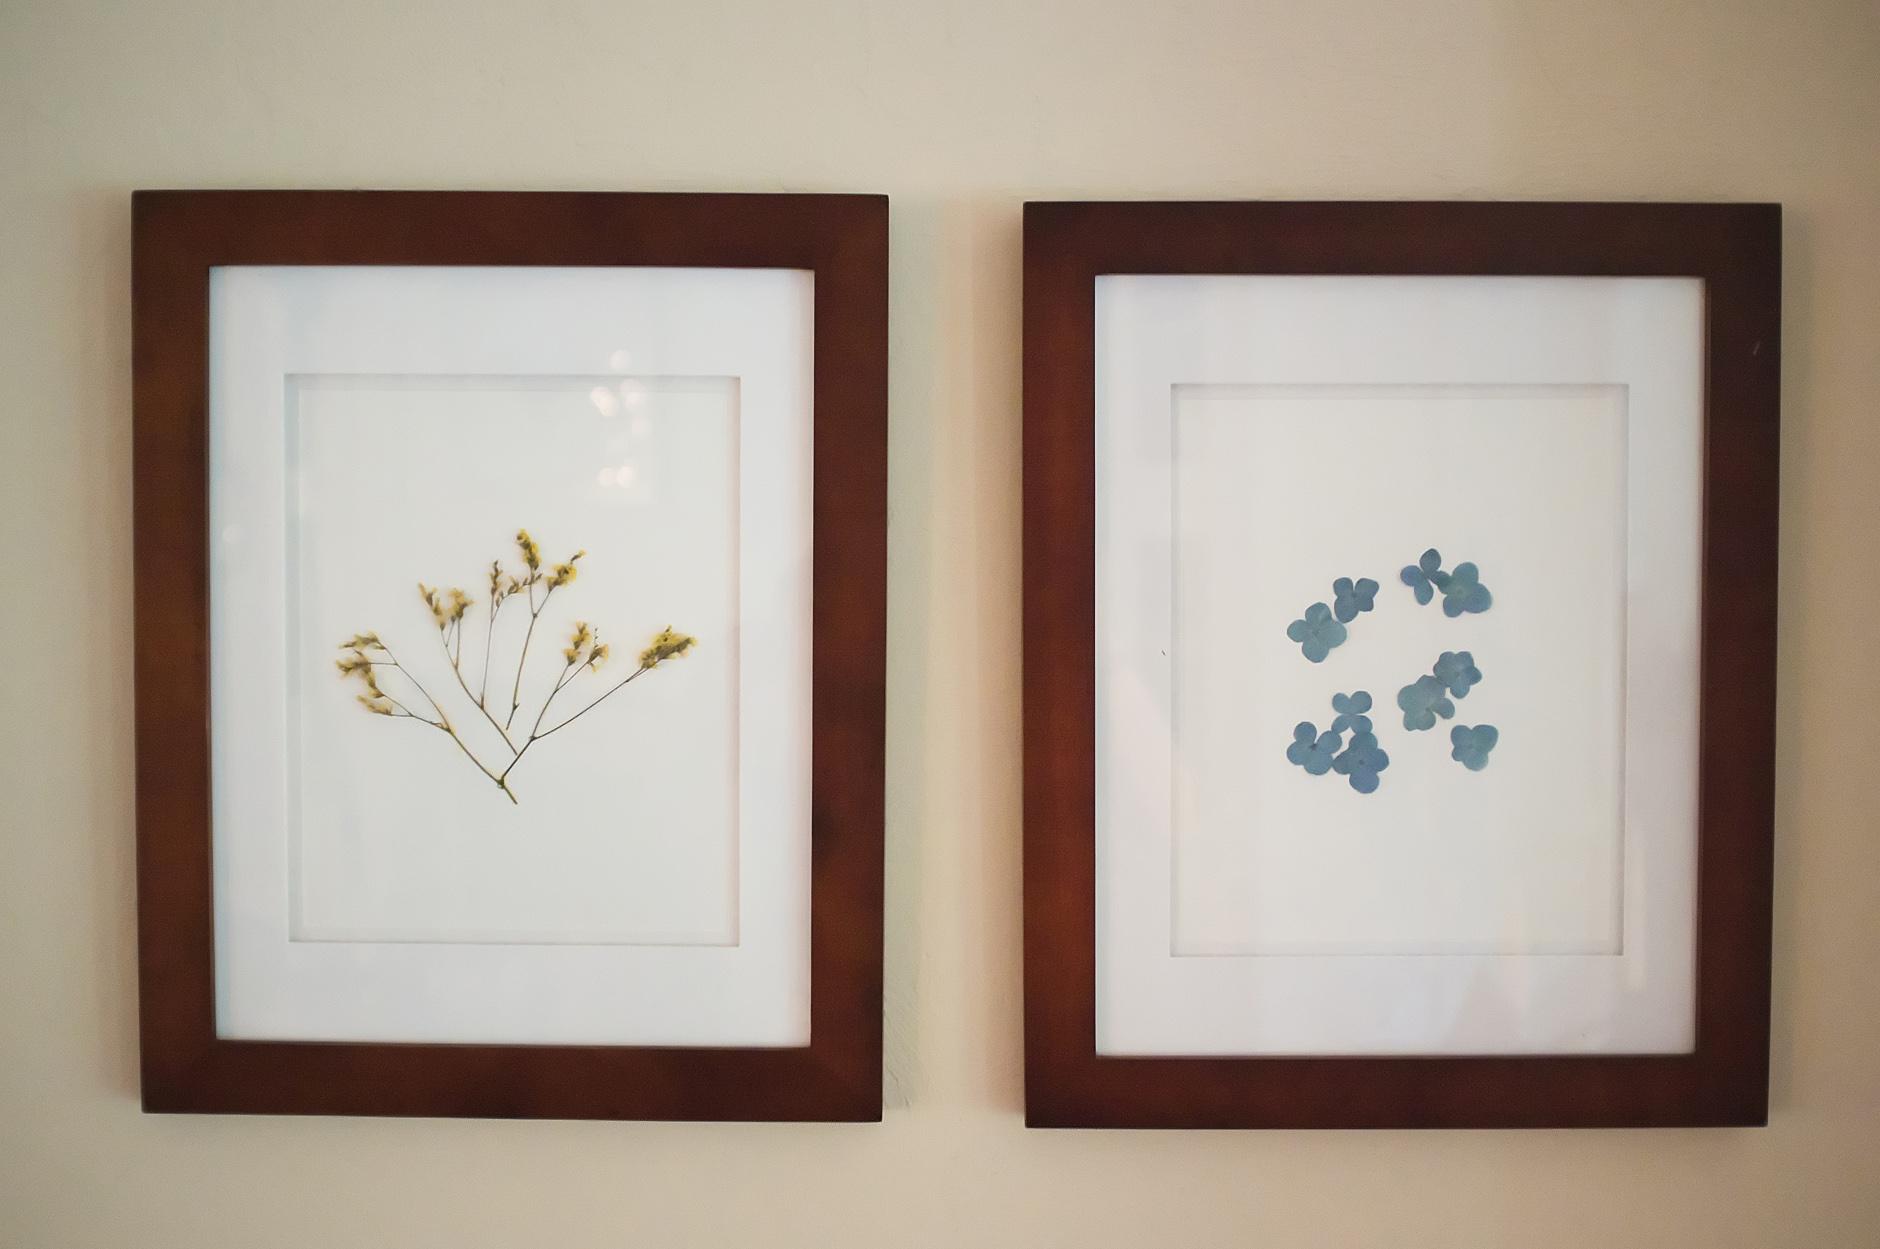 Framed Pressed Flower Art